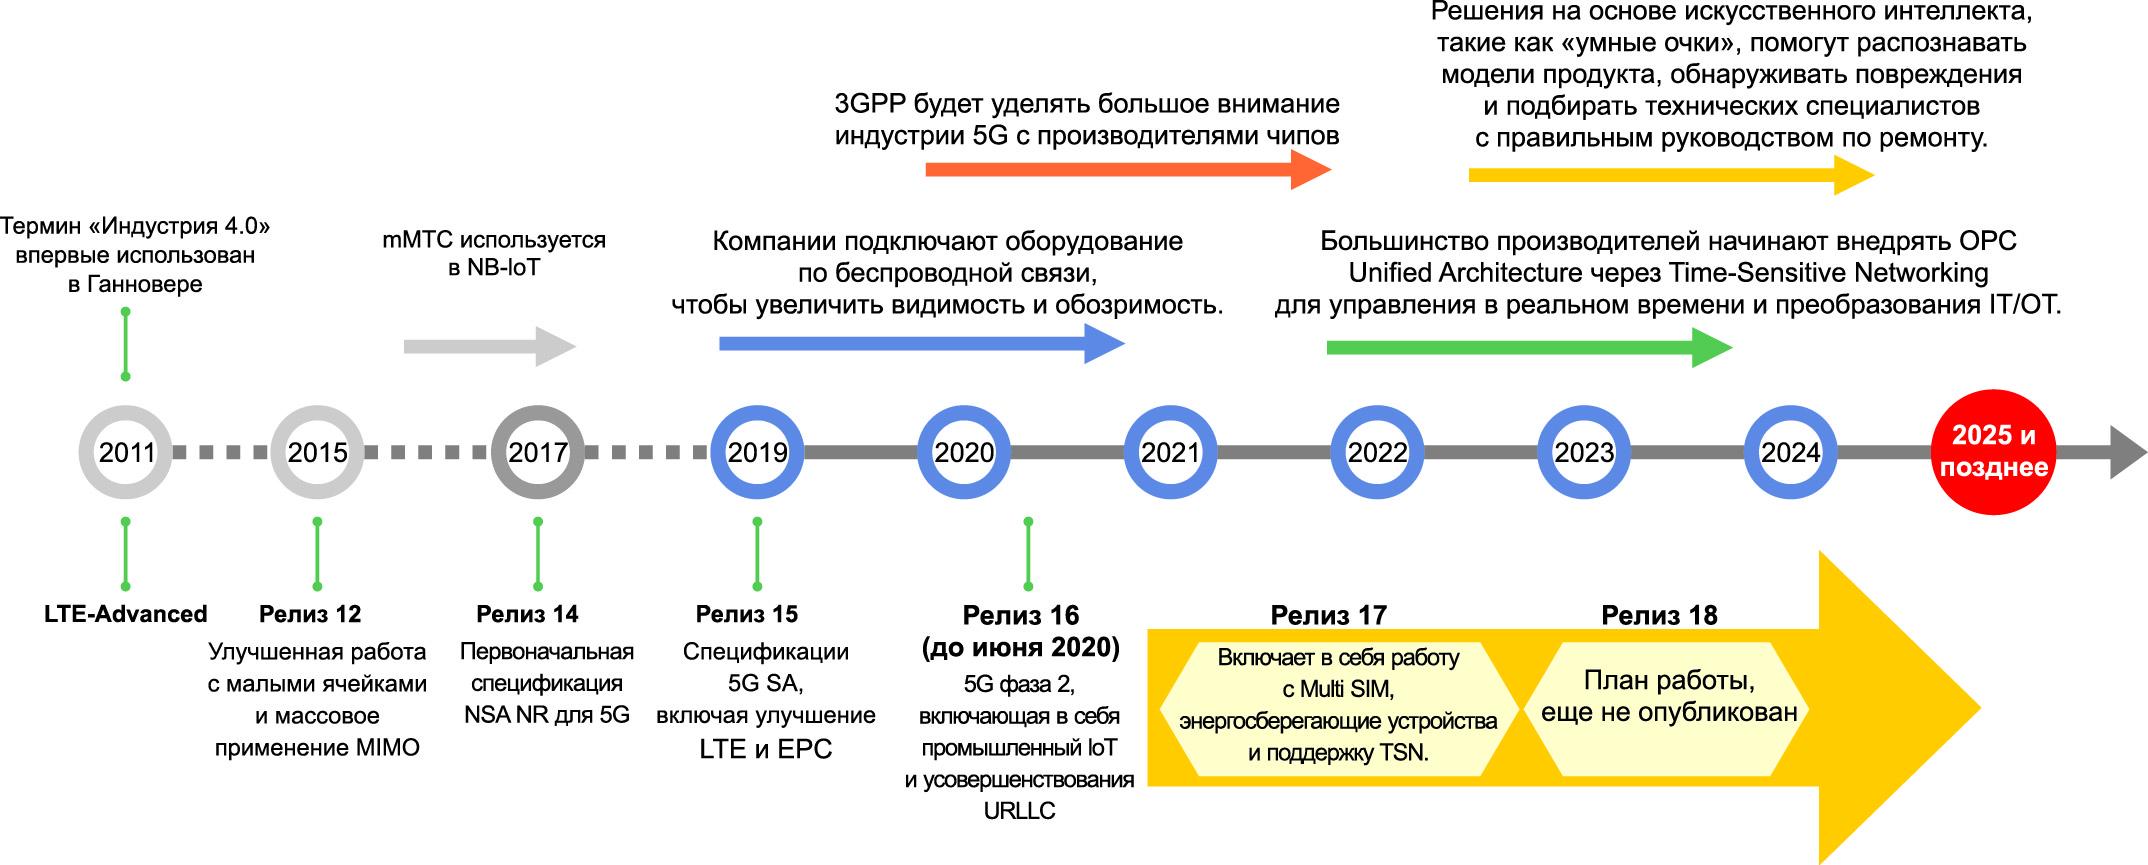 Этапы внедрения промышленных сетей 5G по данным консорциума 3GPP. Источник: ABI Research